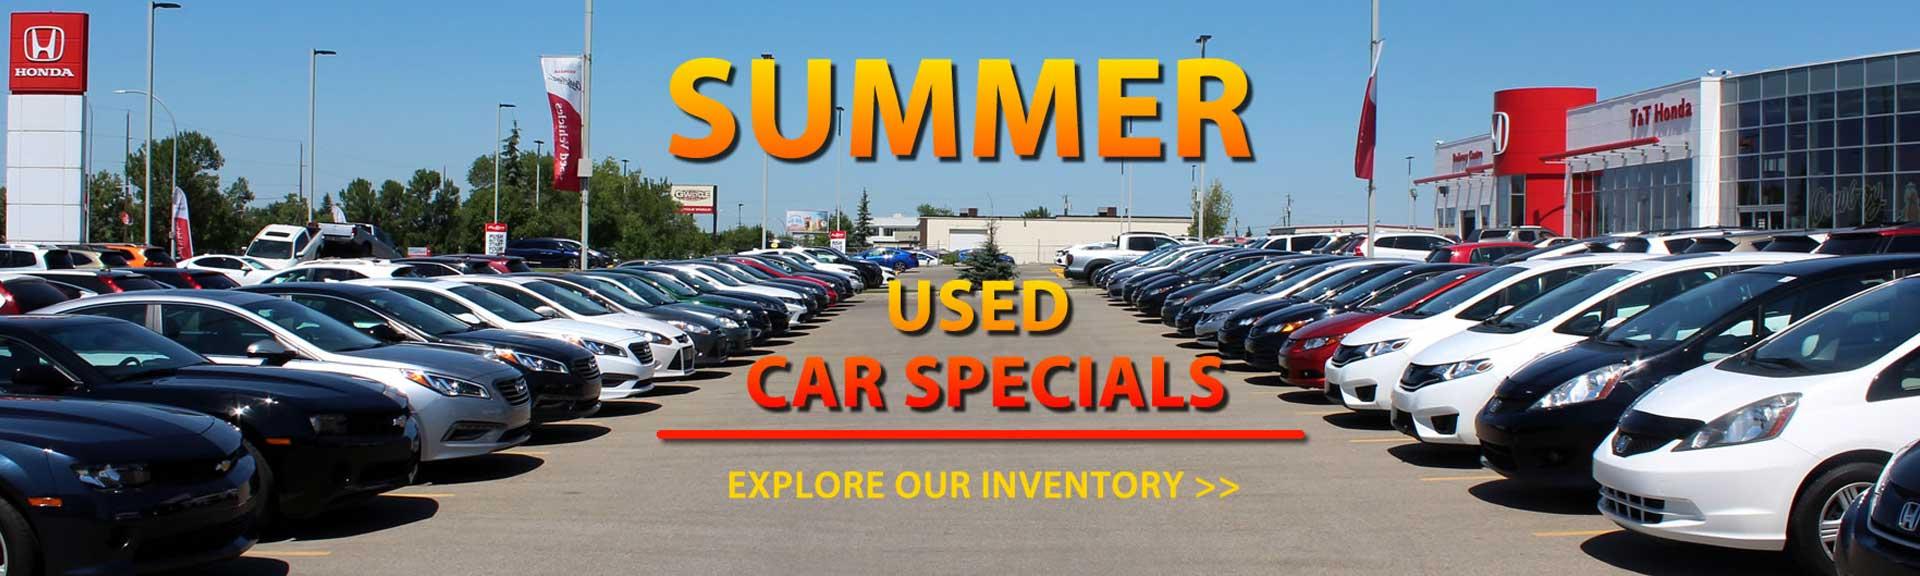 Summer Used Car Specials